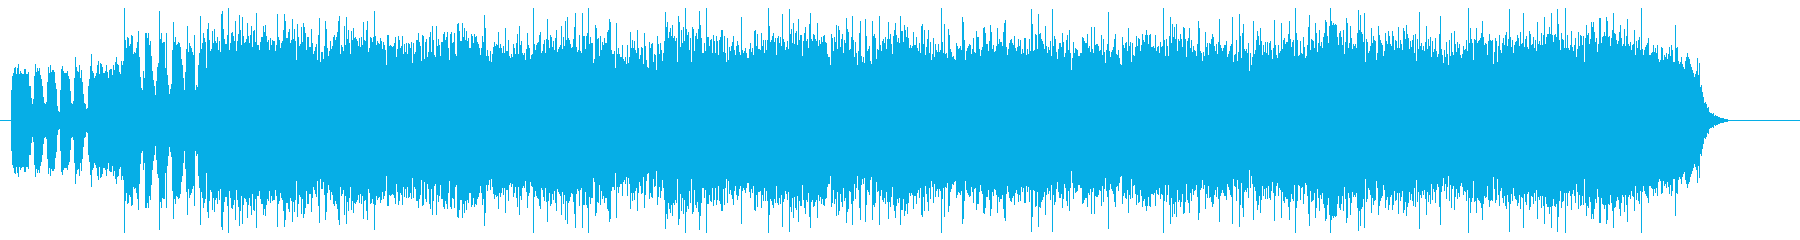 空から落ちるようなダイナミックな曲の再生済みの波形